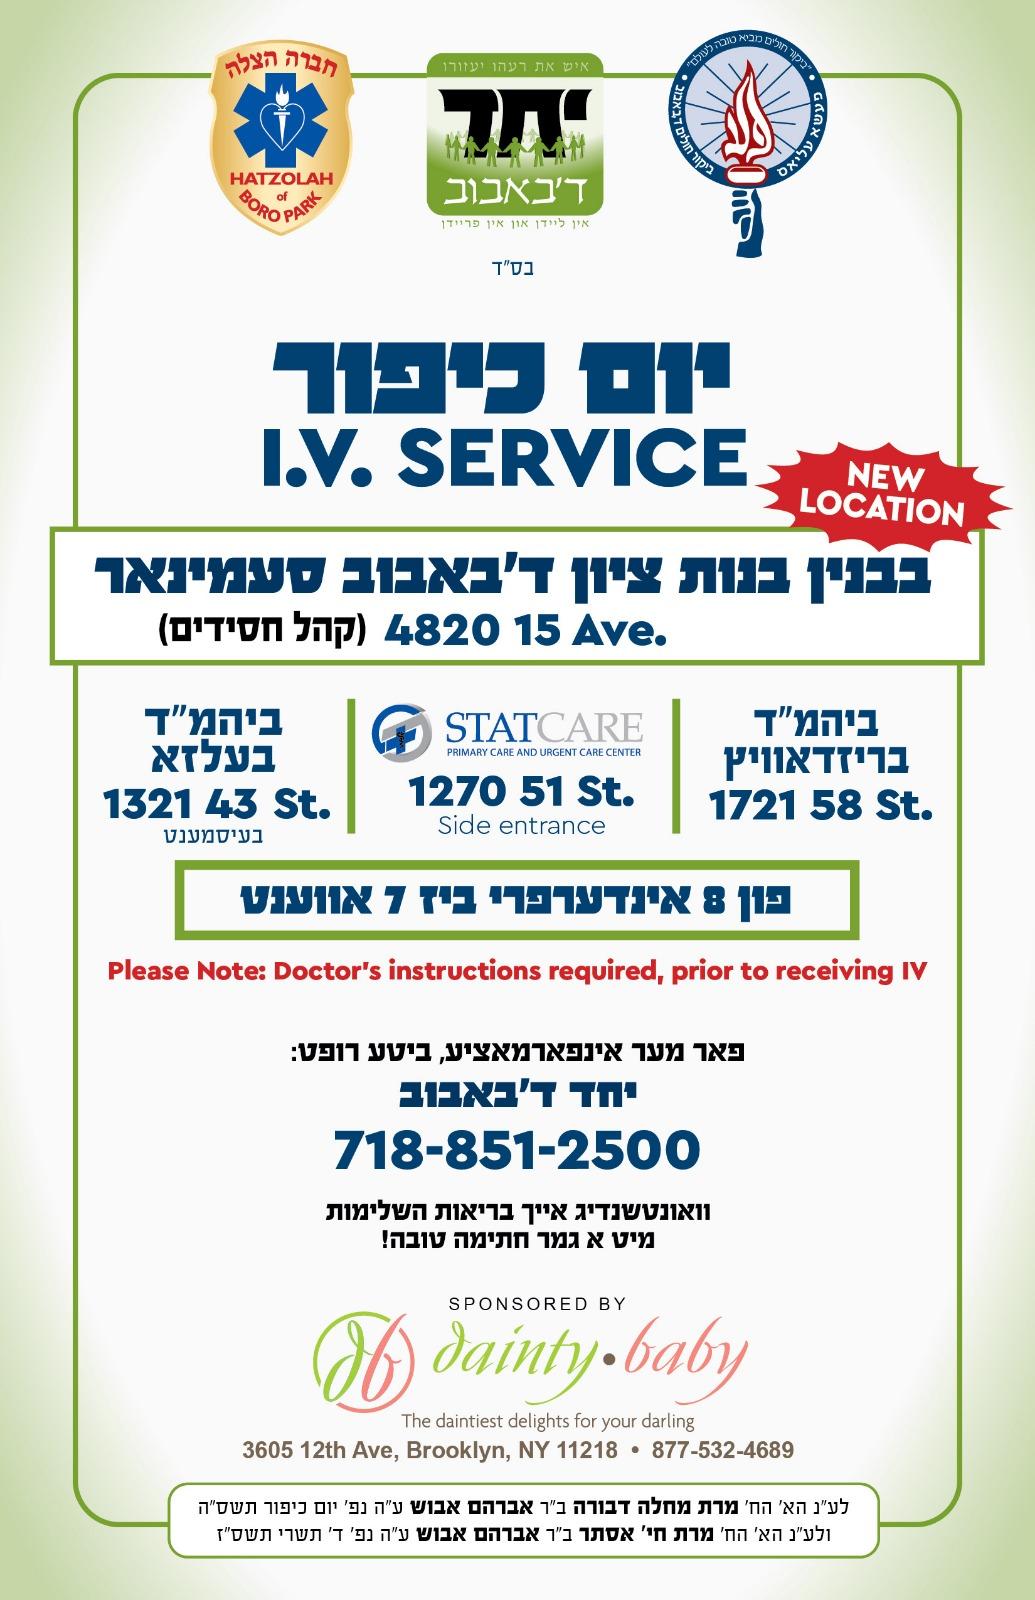 Yachad D'Bobov Hosts Yom Kippur I.V. Service in New Location